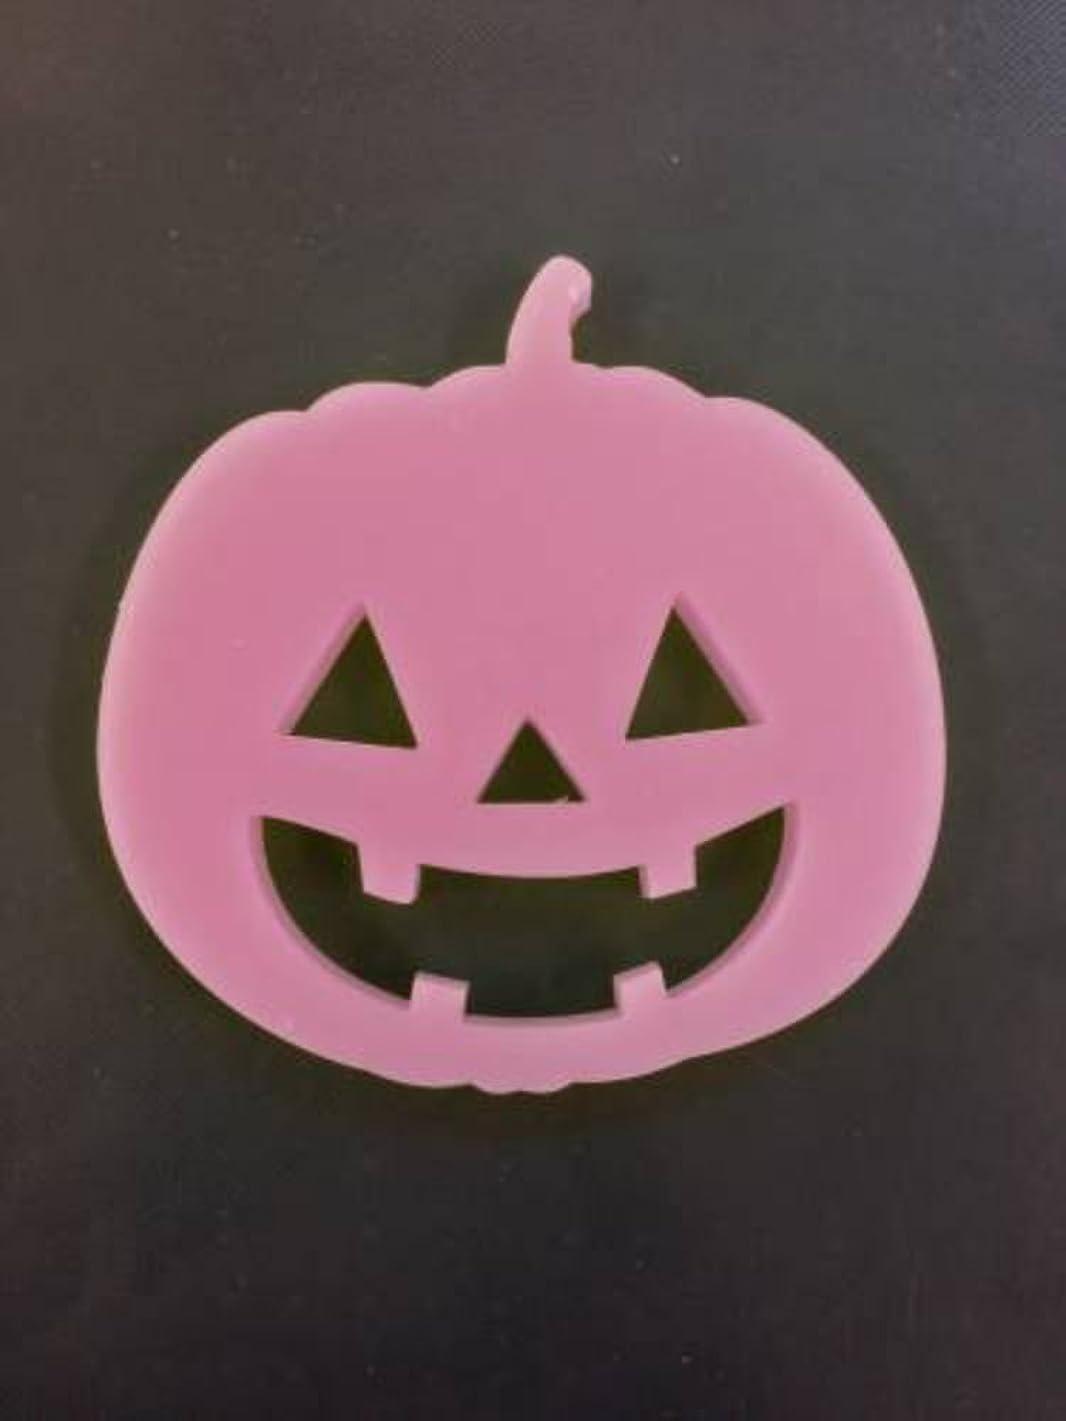 迅速イル準備するGRASSE TOKYO AROMATICWAXチャーム「ハロウィンかぼちゃ」(PI) ゼラニウム アロマティックワックス グラーストウキョウ